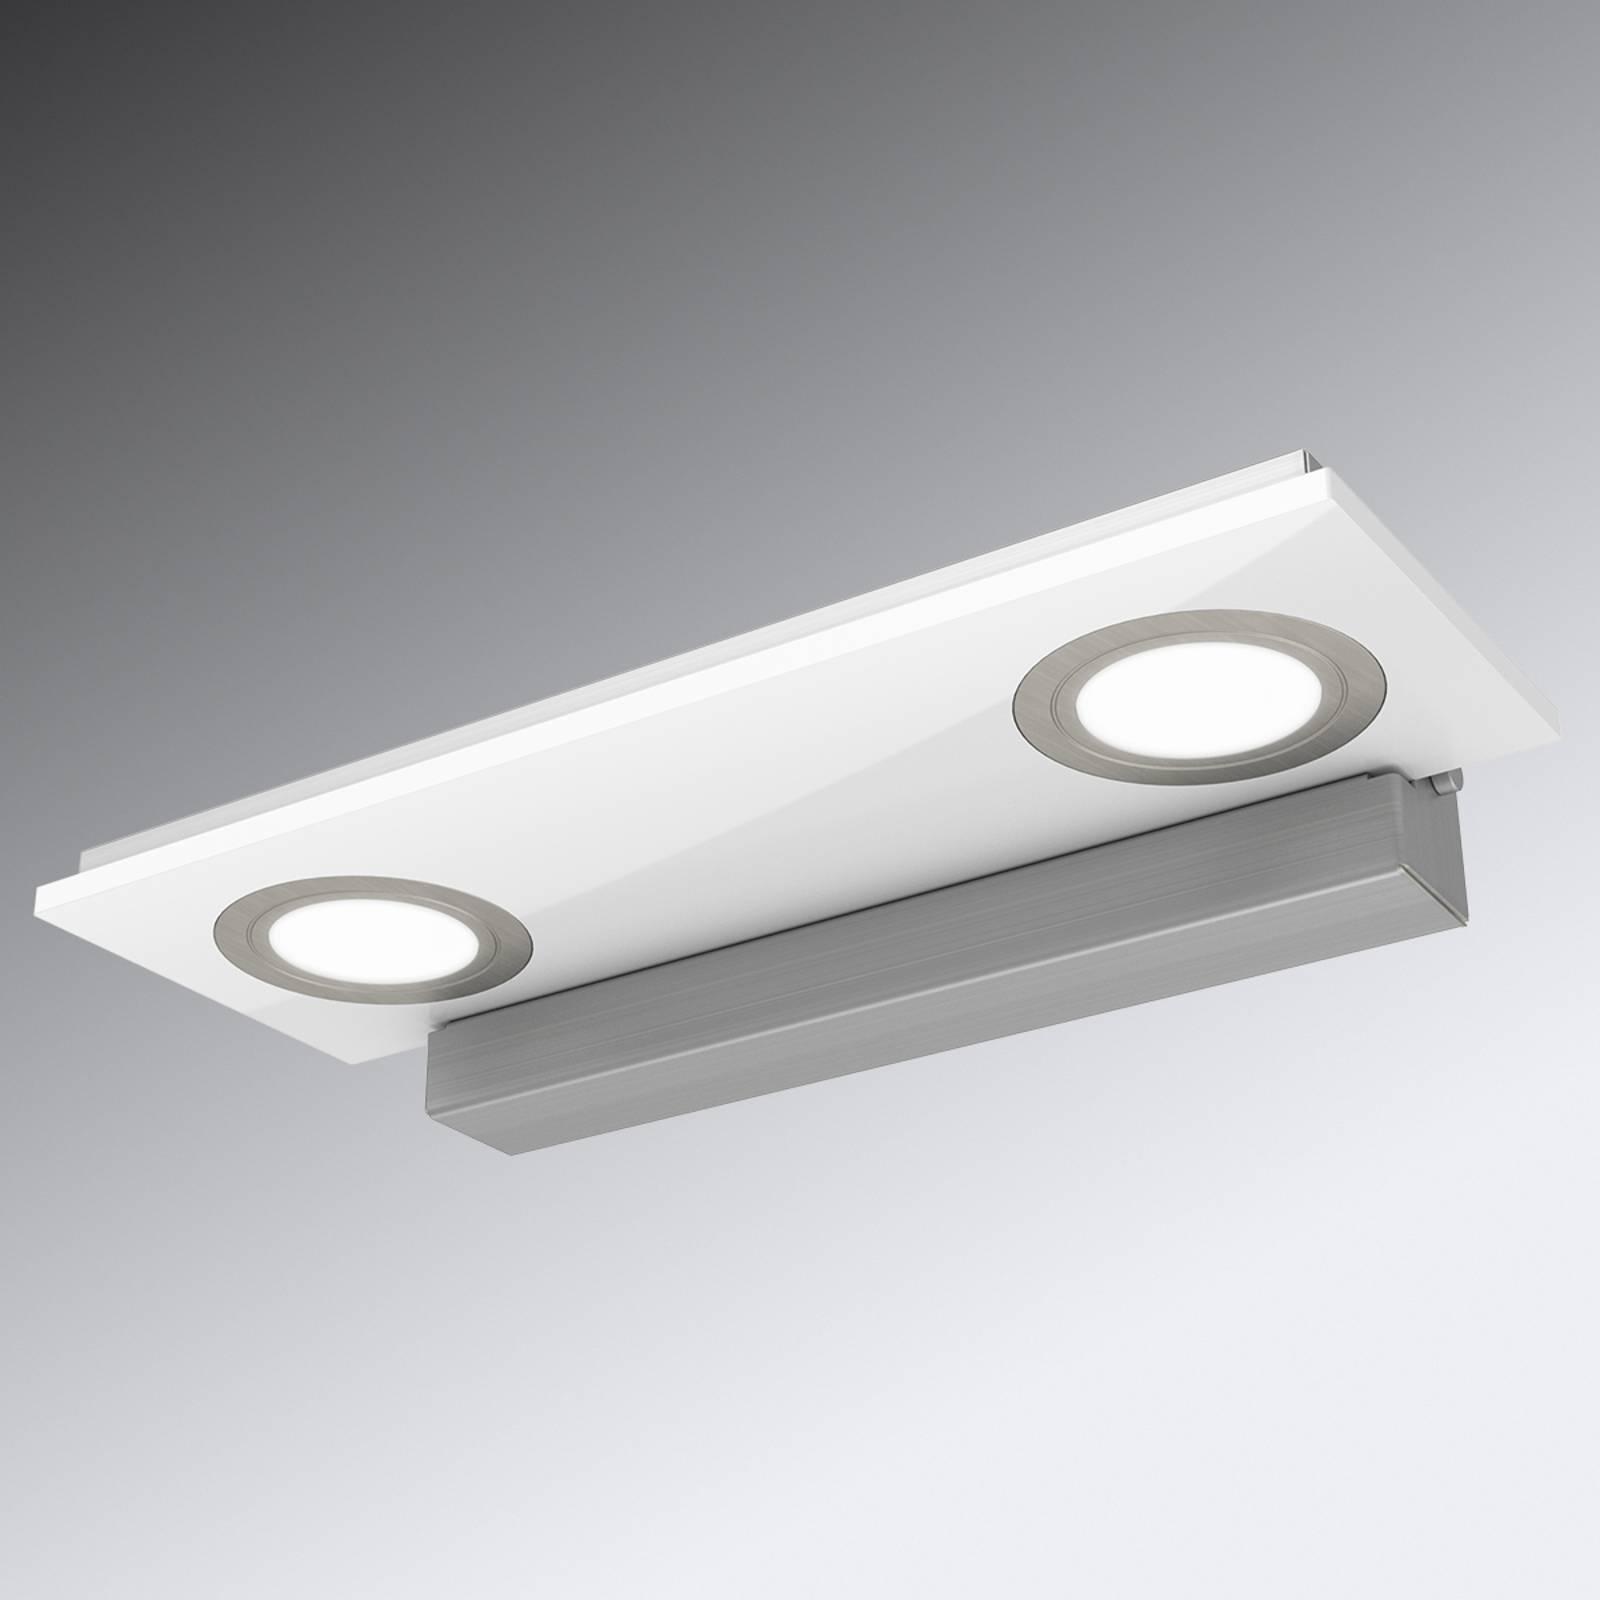 Applique LED à 2 lampes Pano, blanche